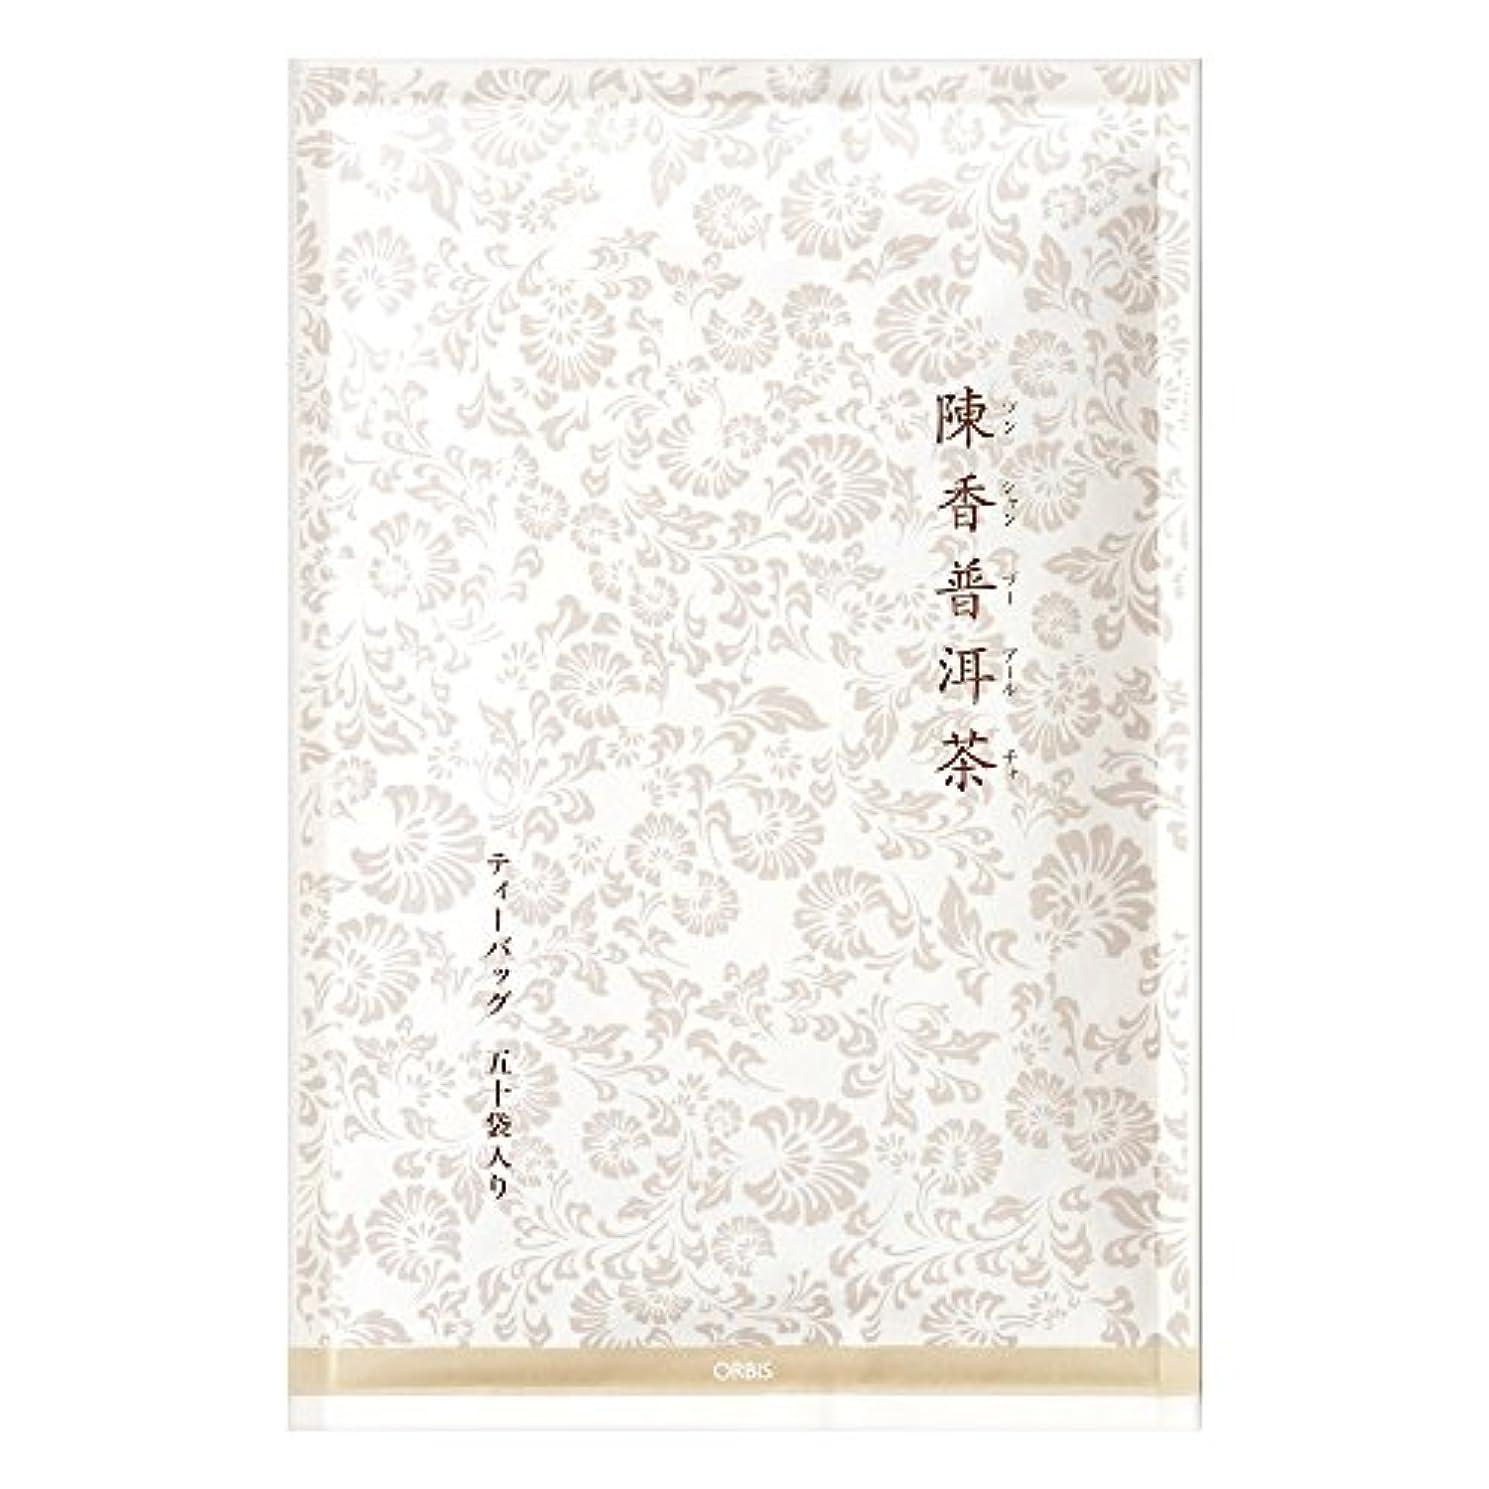 蒸気中に誘惑オルビス(ORBIS) 陳香プーアール茶 ティーバッグ 徳用 2g×50袋 ◎ダイエット茶◎ 0kcal